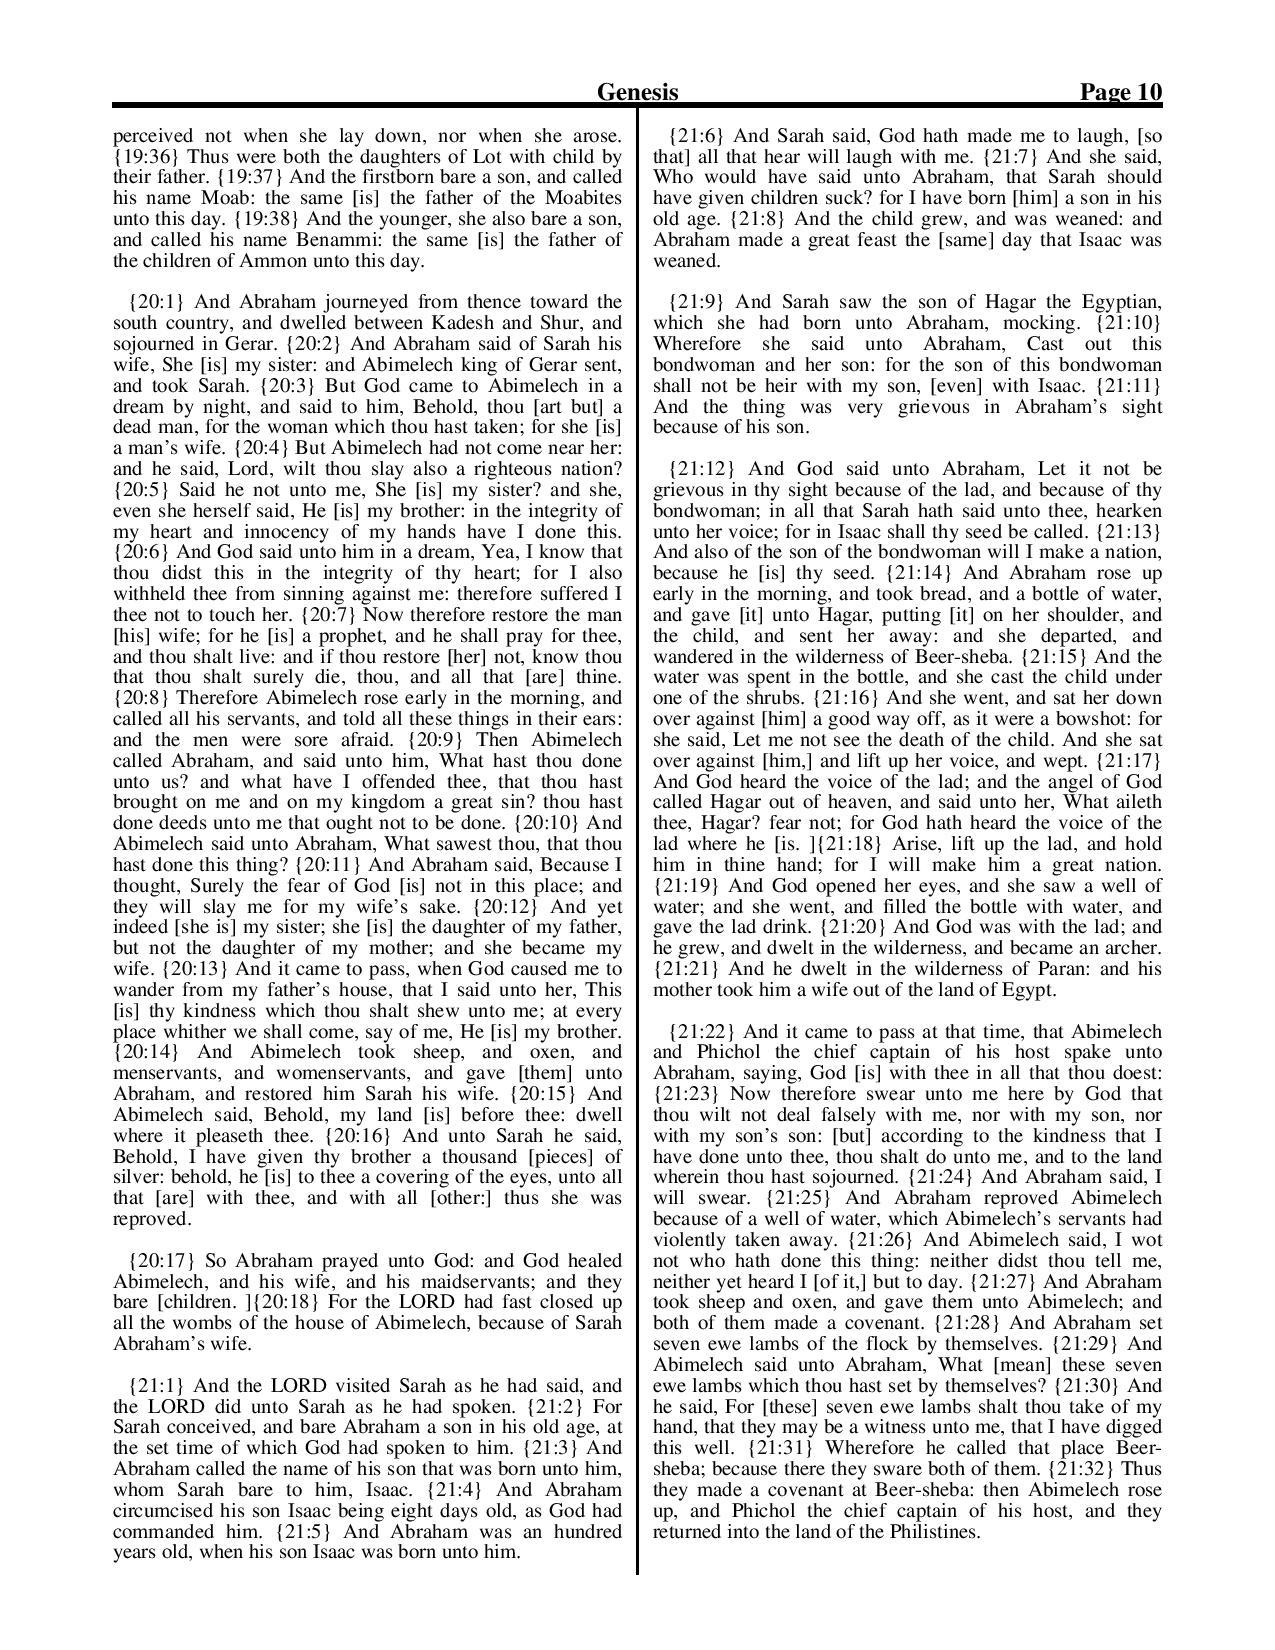 King-James-Bible-KJV-Bible-PDF-page-031